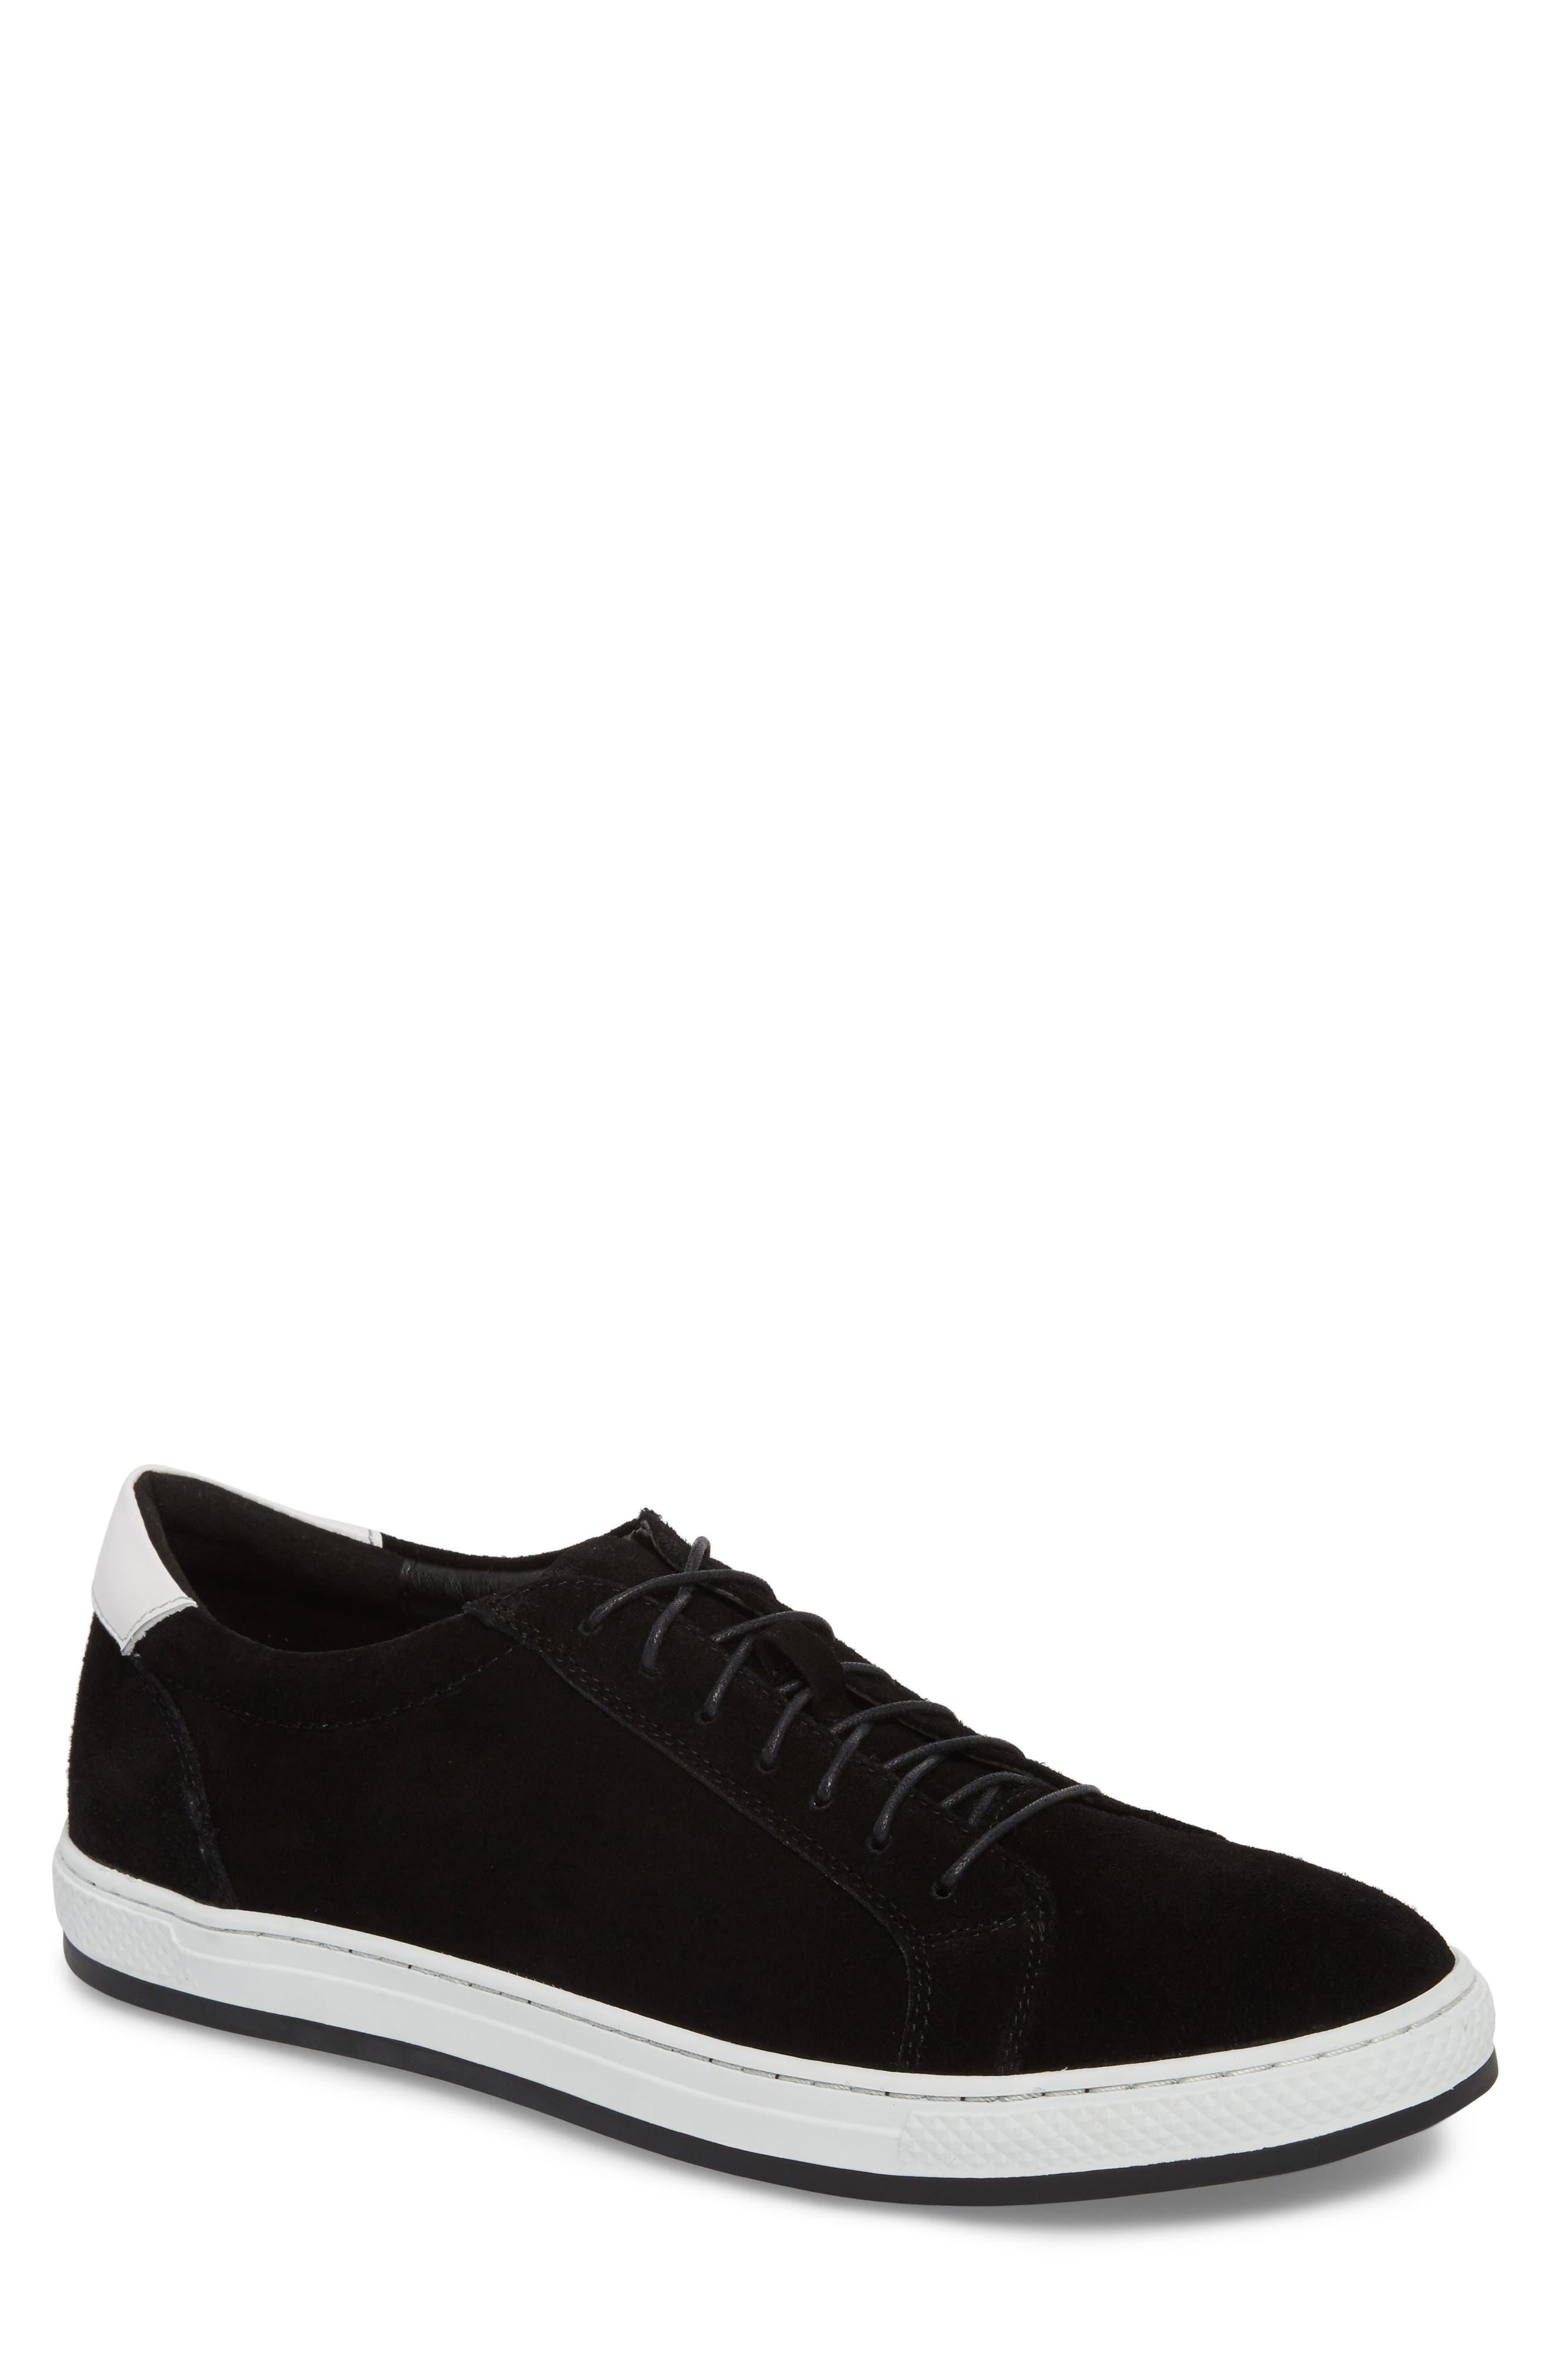 English Laundry Queens Sneaker (Men)